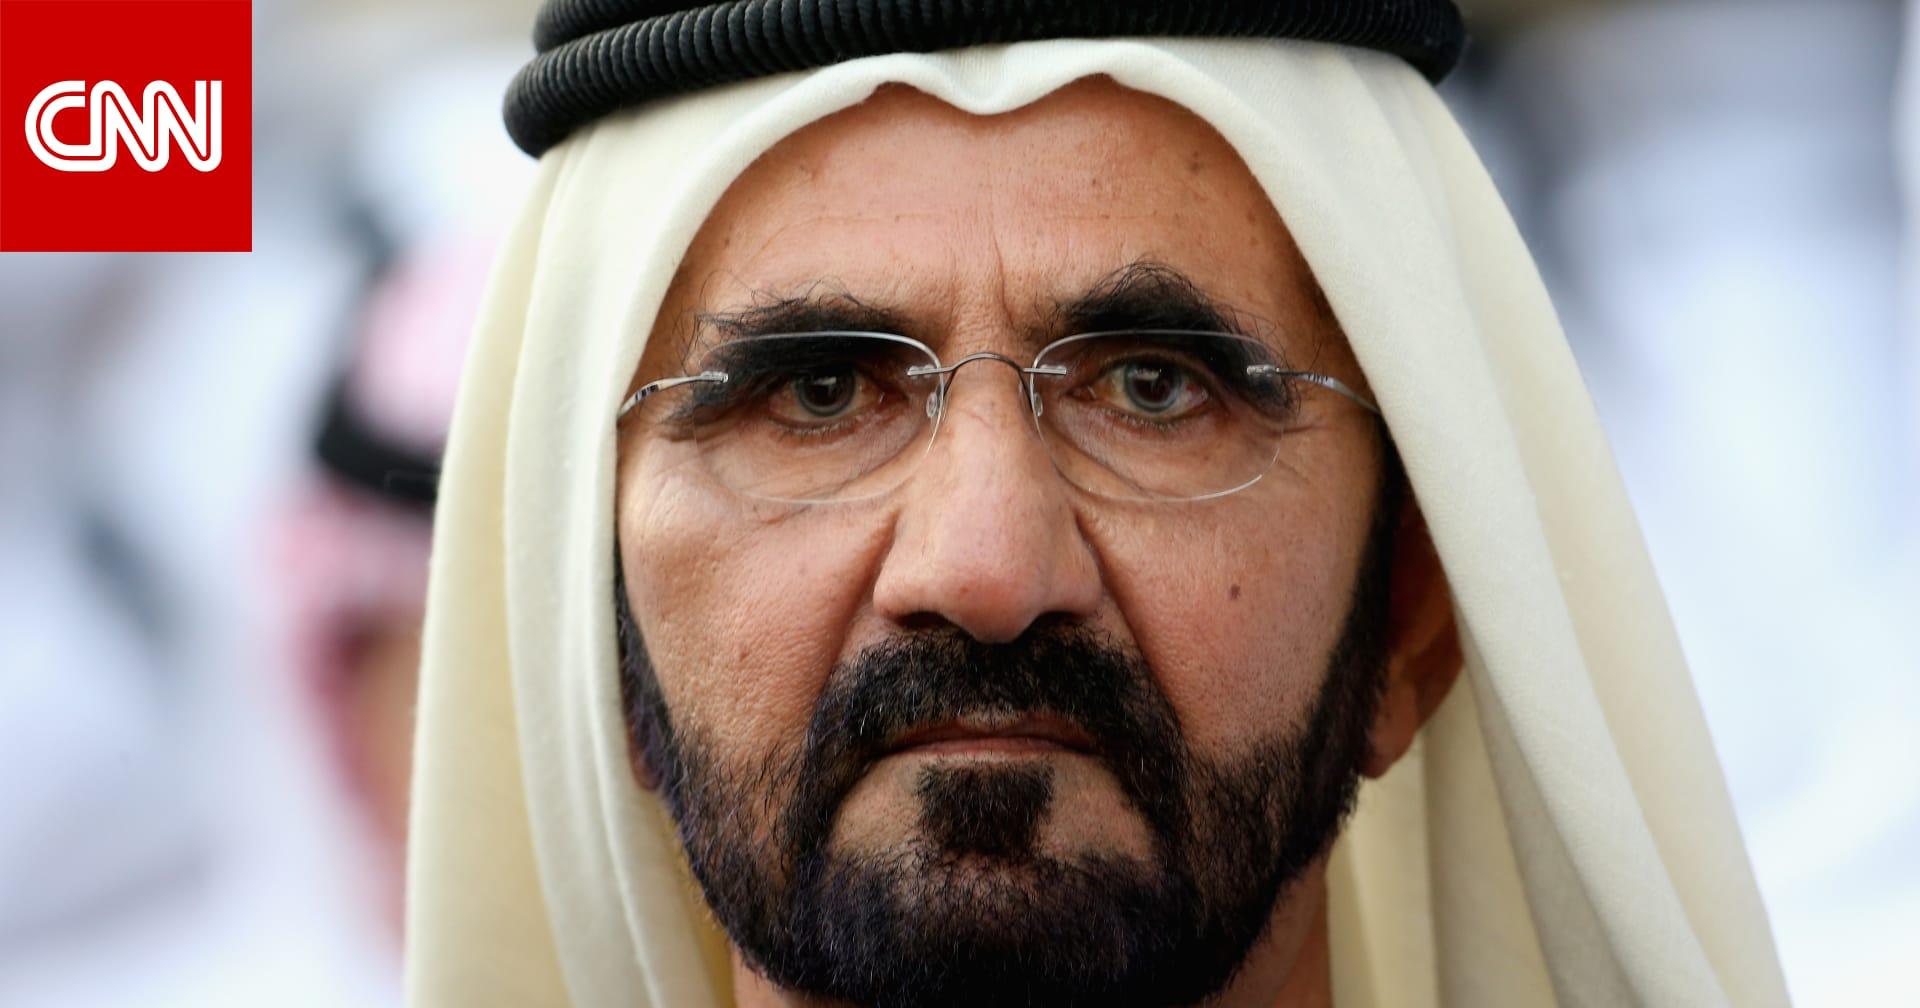 الإمارات تخصص 6.5 مليار دولار لدعم القطاع الخاص وتمنح حوافز لمواطنيها